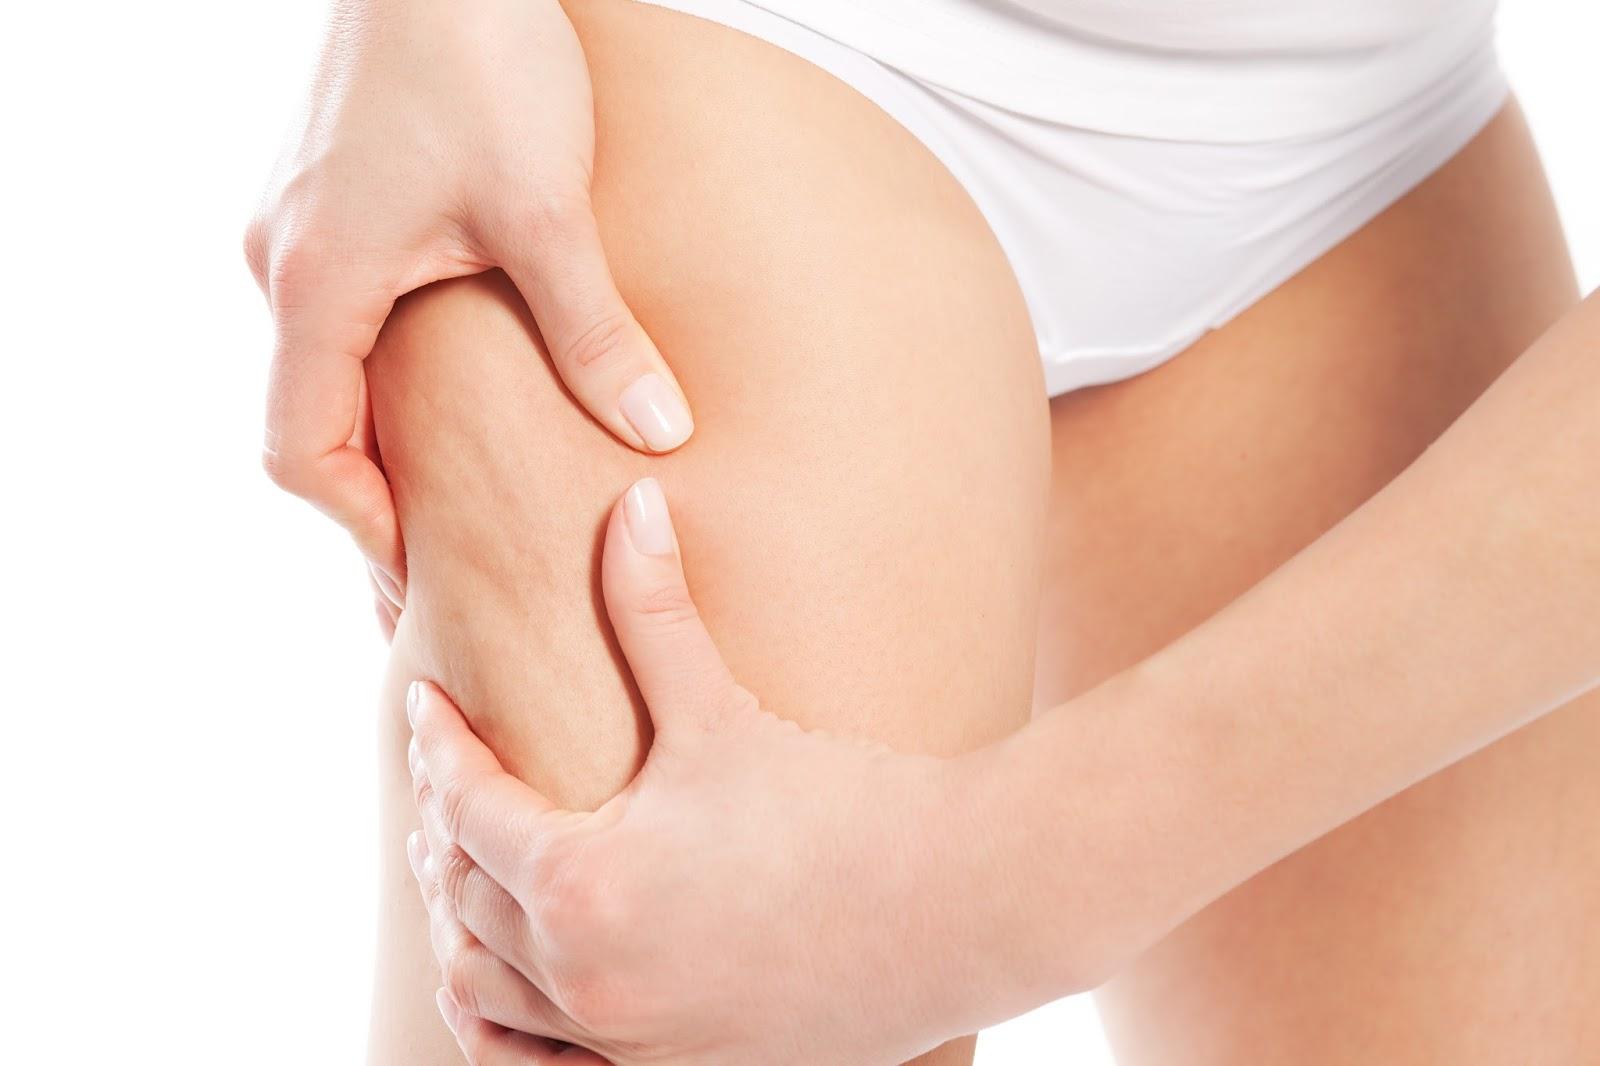 Factores que causan la celulitis en las piernas